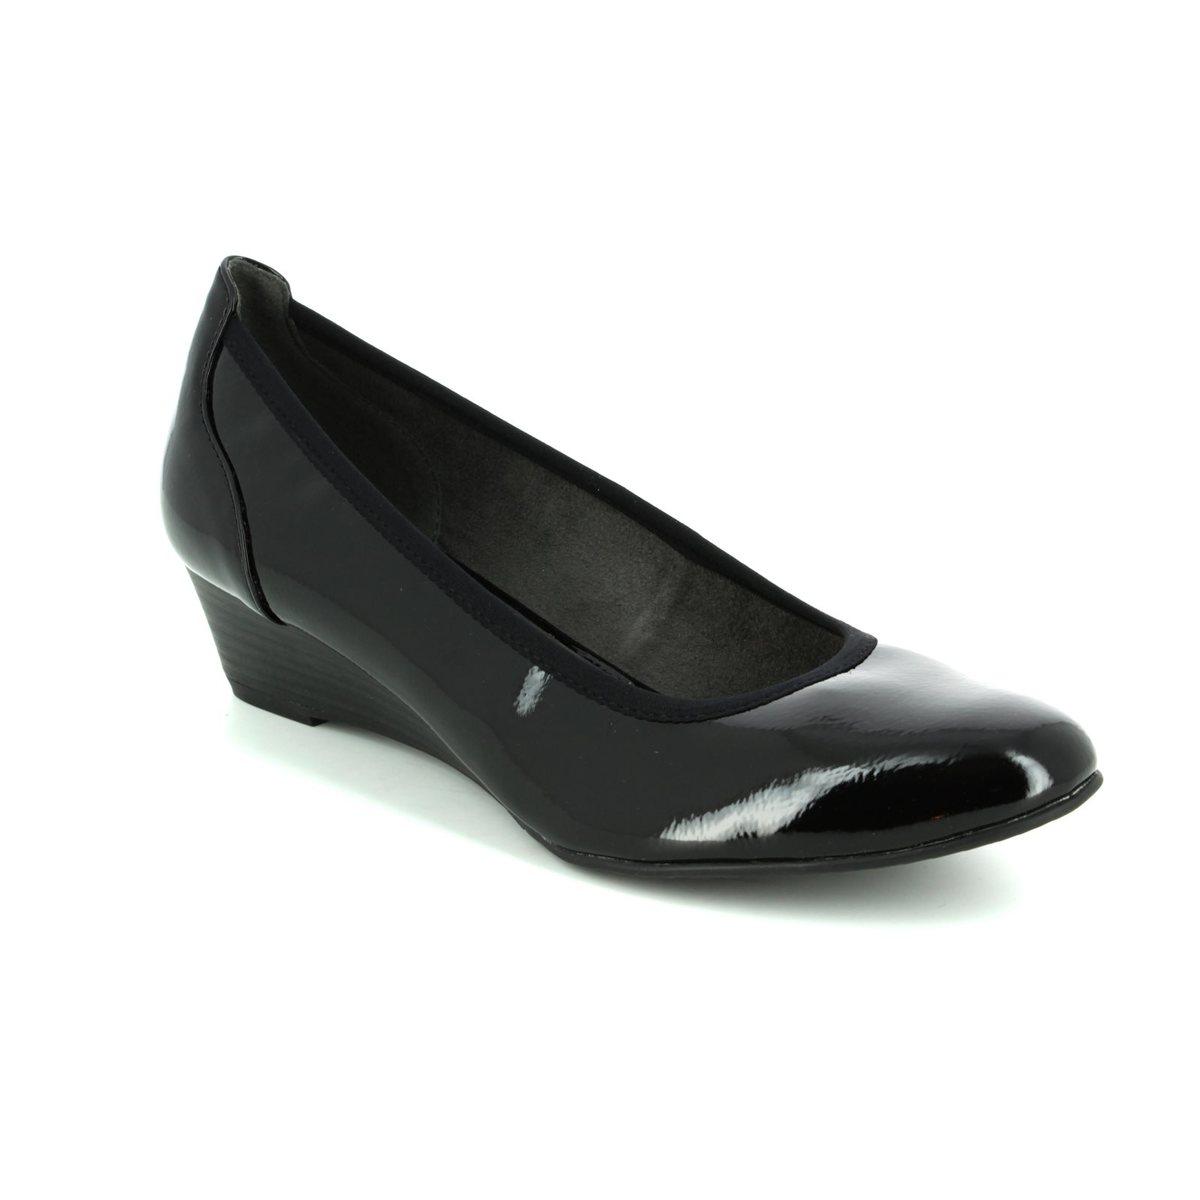 tamaris myrica 22304 018 black patent wedge shoes